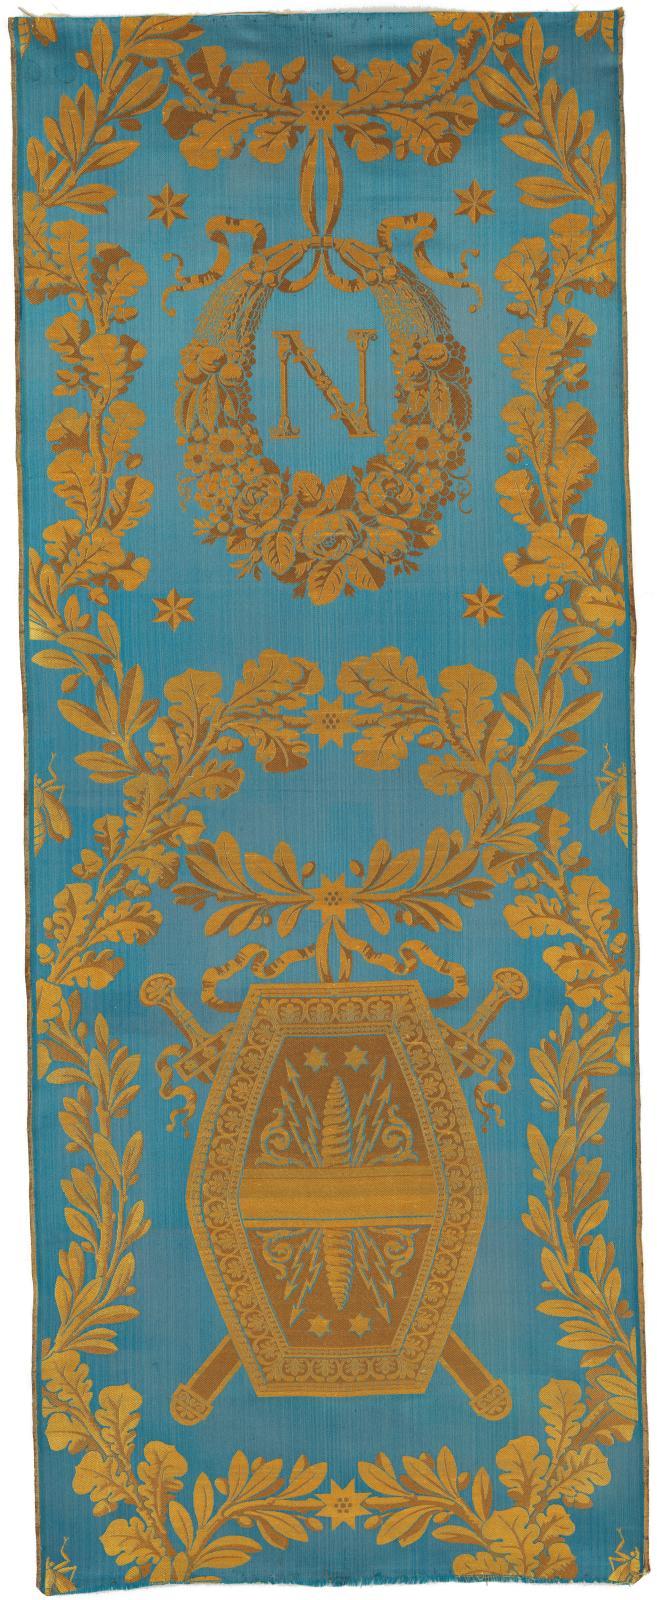 Tenture en damas bleu pour le premier salon de l'Empereurau palais de Meudon (détail), par Grand Frères d'après Alexandre Brongniart, 180